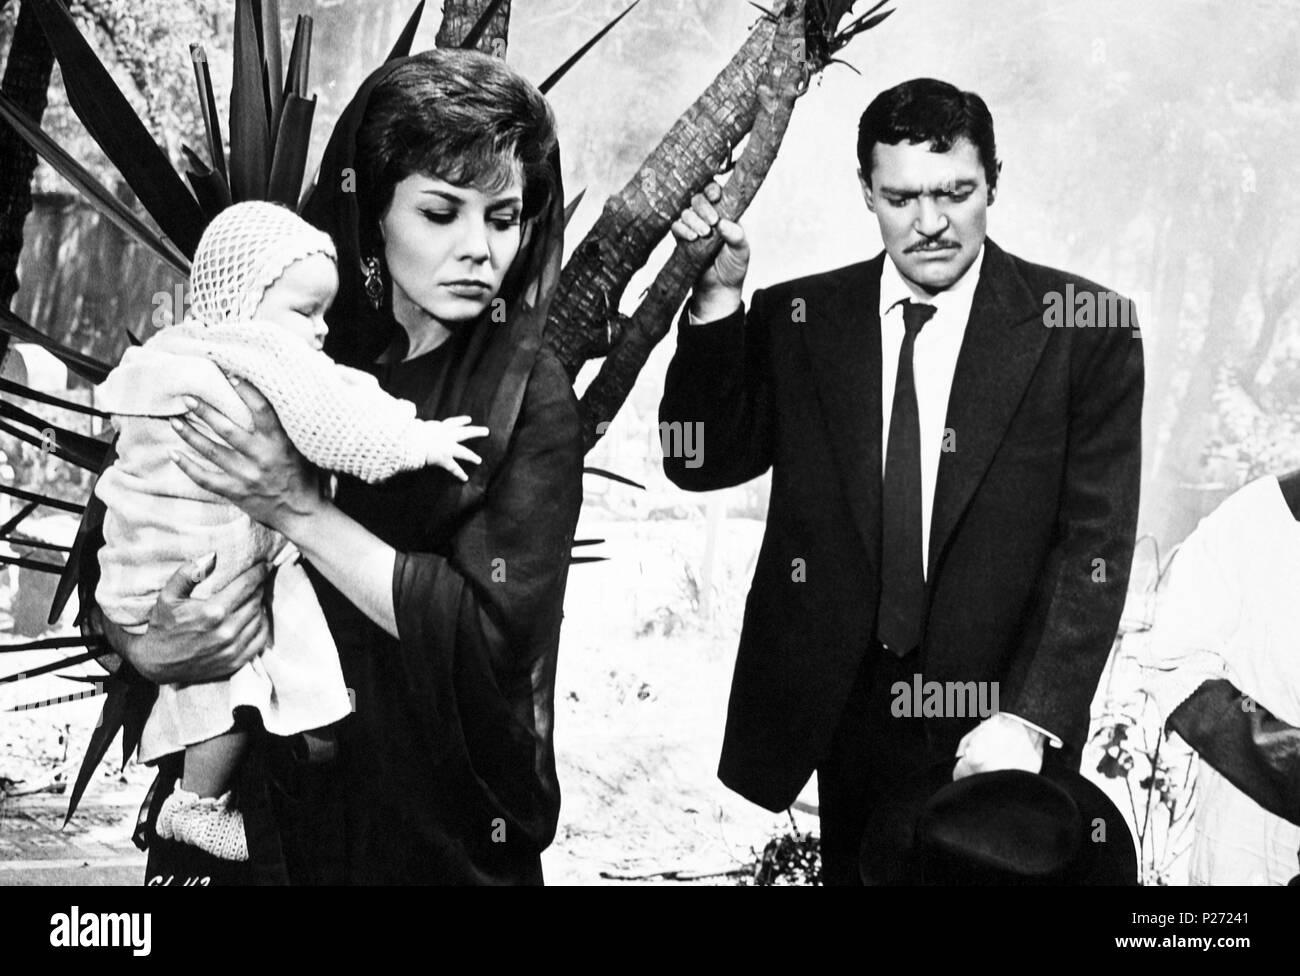 Original Film Title: LOS CUERVOS ESTAN DE LUTO.  English Title: LOS CUERVOS ESTAN DE LUTO.  Film Director: FRANCISCO DEL VILLAR.  Year: 1965. Stock Photo